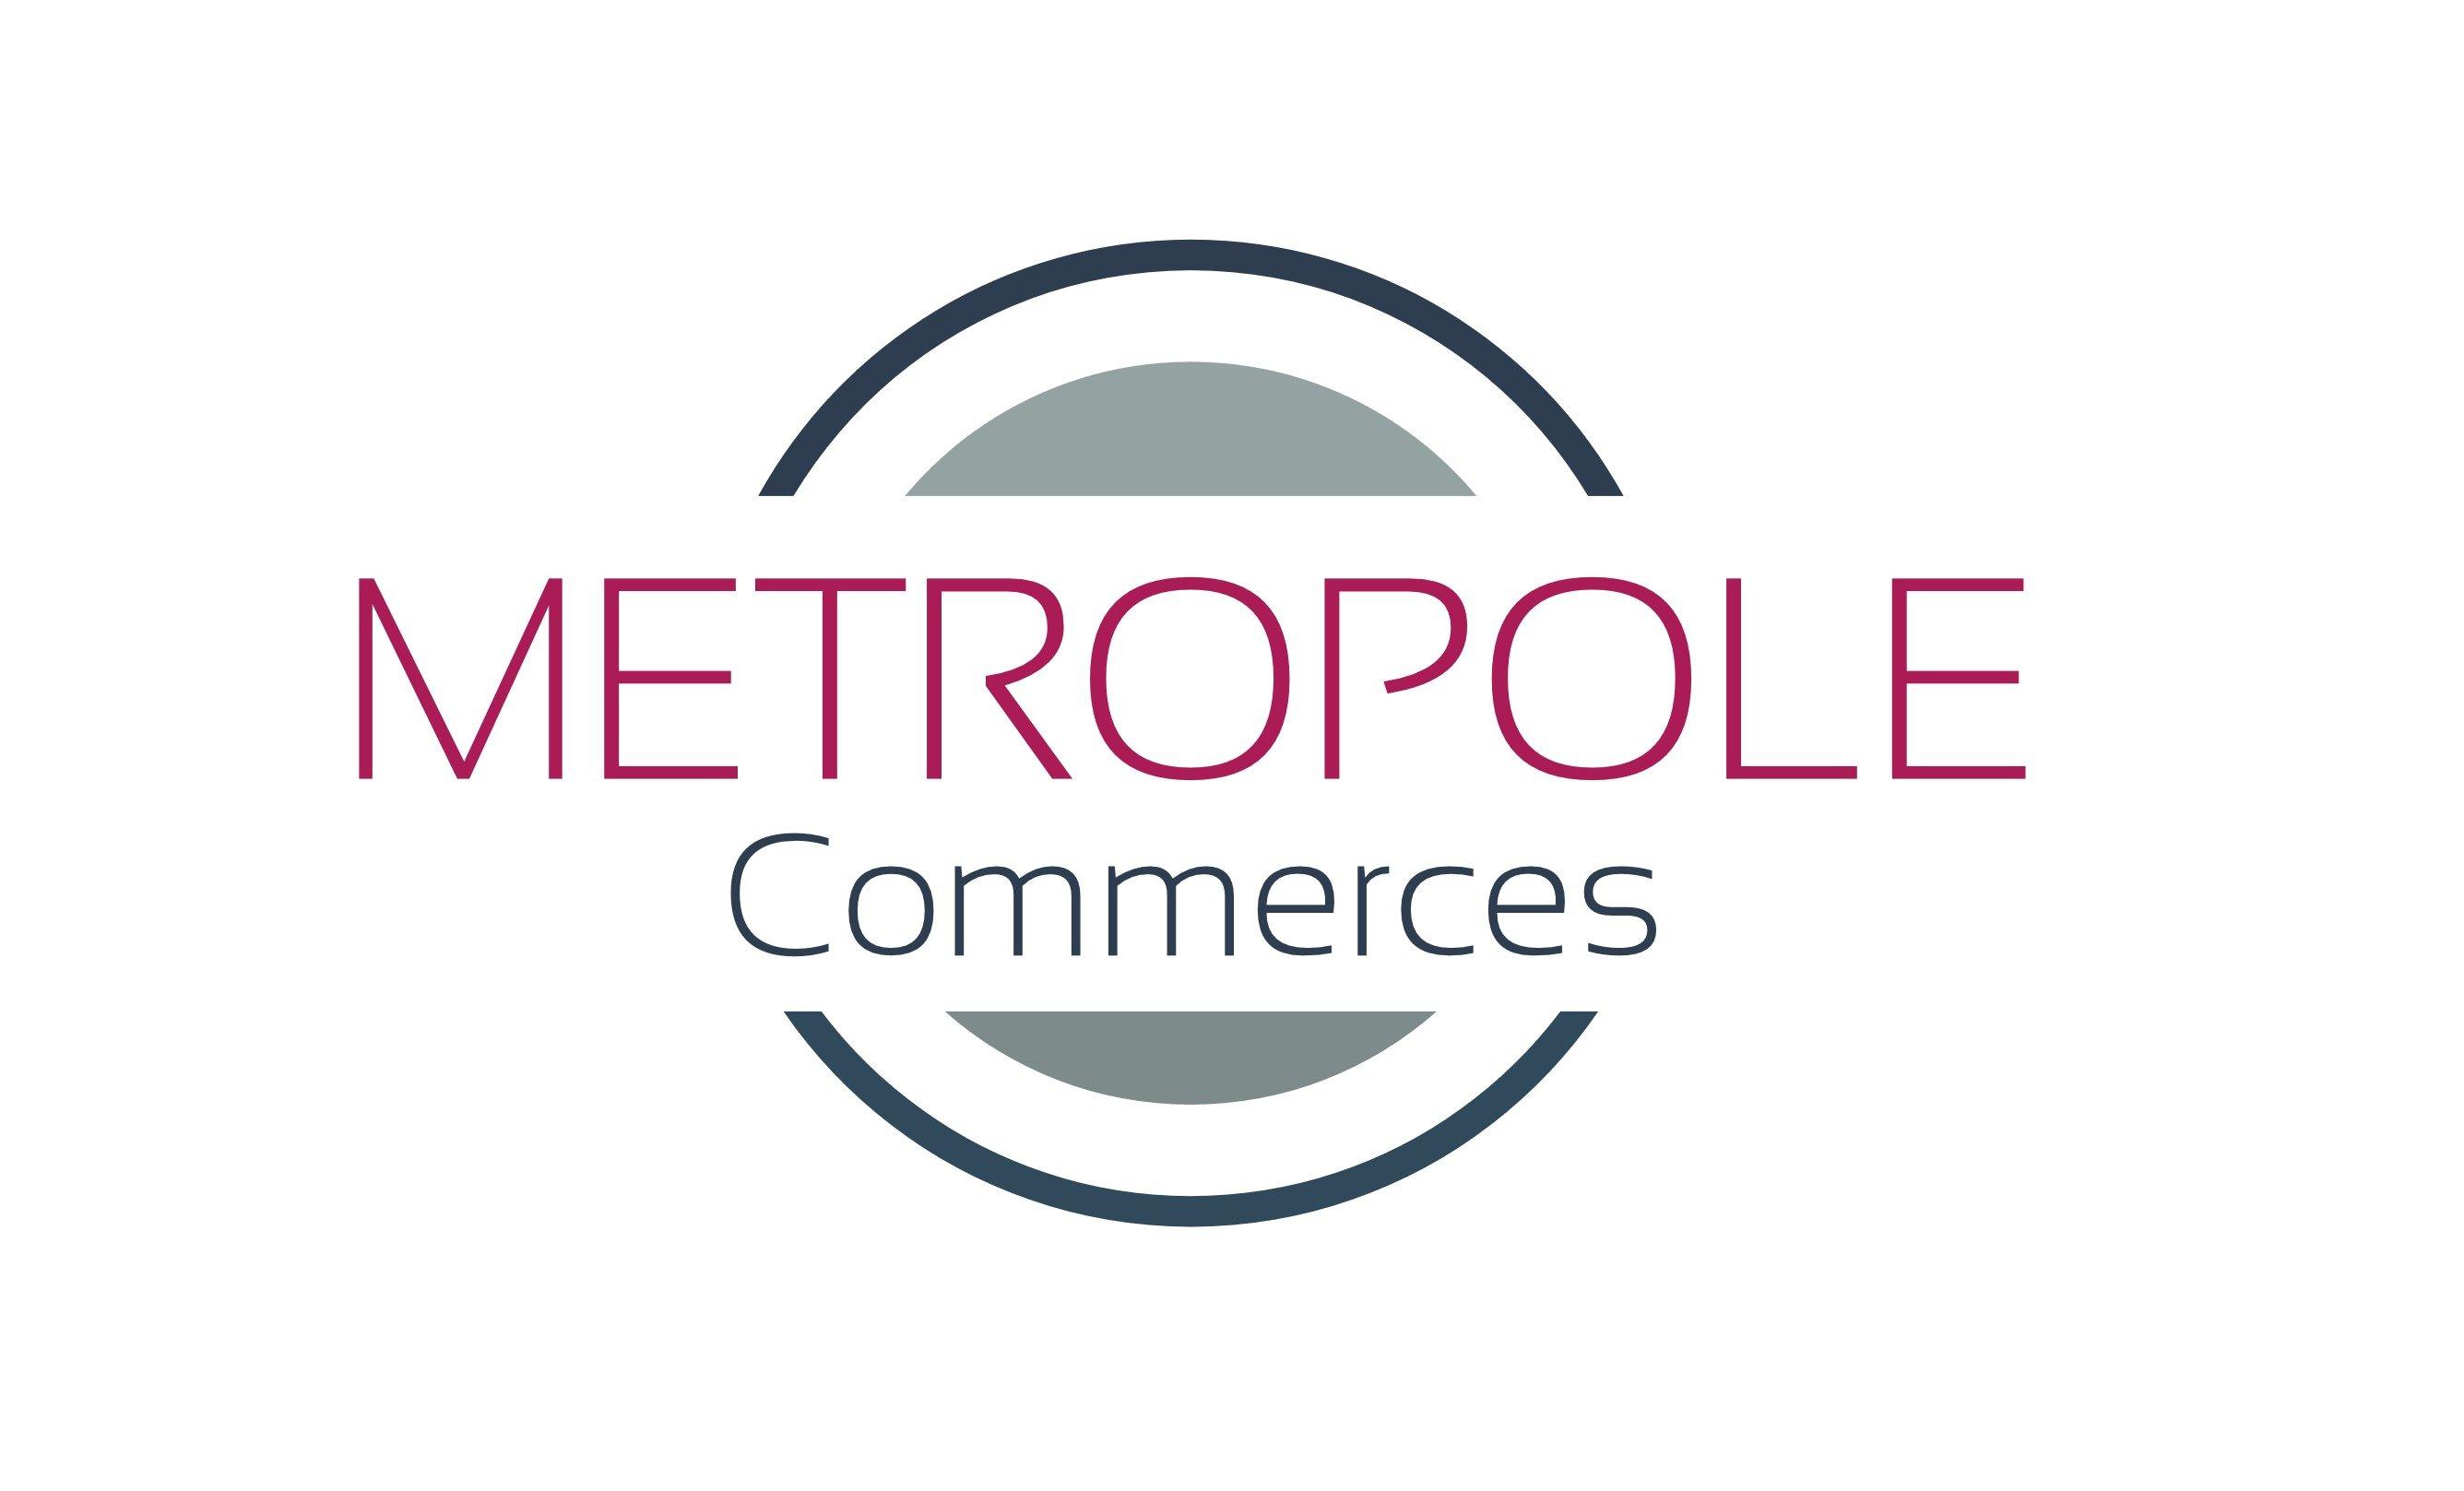 Metropole Commerces